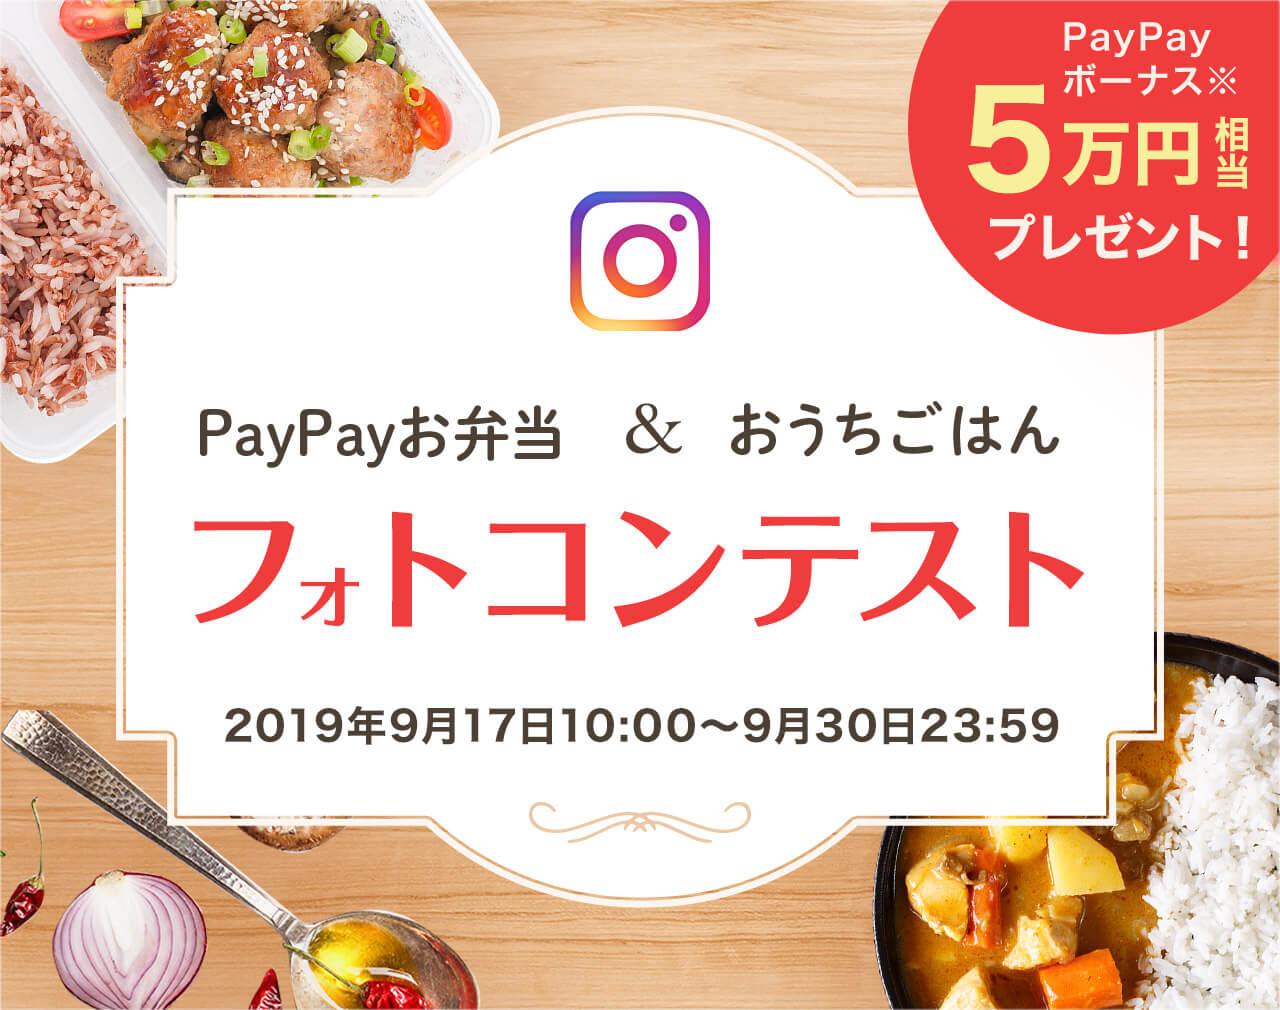 【PayPay】 お弁当&おうちごはん インスタ投稿で5万円当選キャンペーン